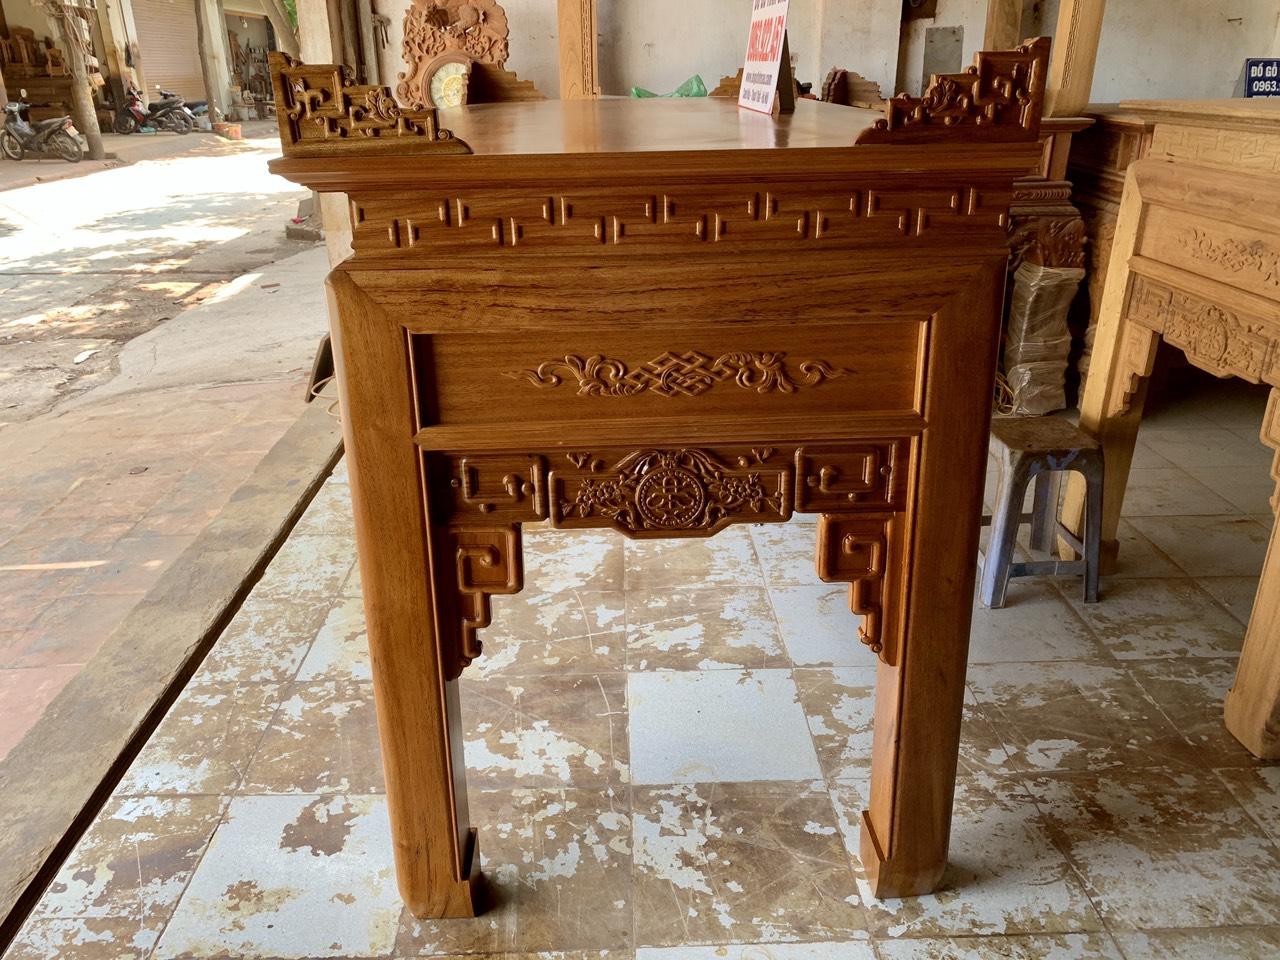 ban tho go gu lao - Bàn thờ gỗ gụ lào dài 1m97 mẫu triện dơi (Anh Hưng - Yên Nghĩa)